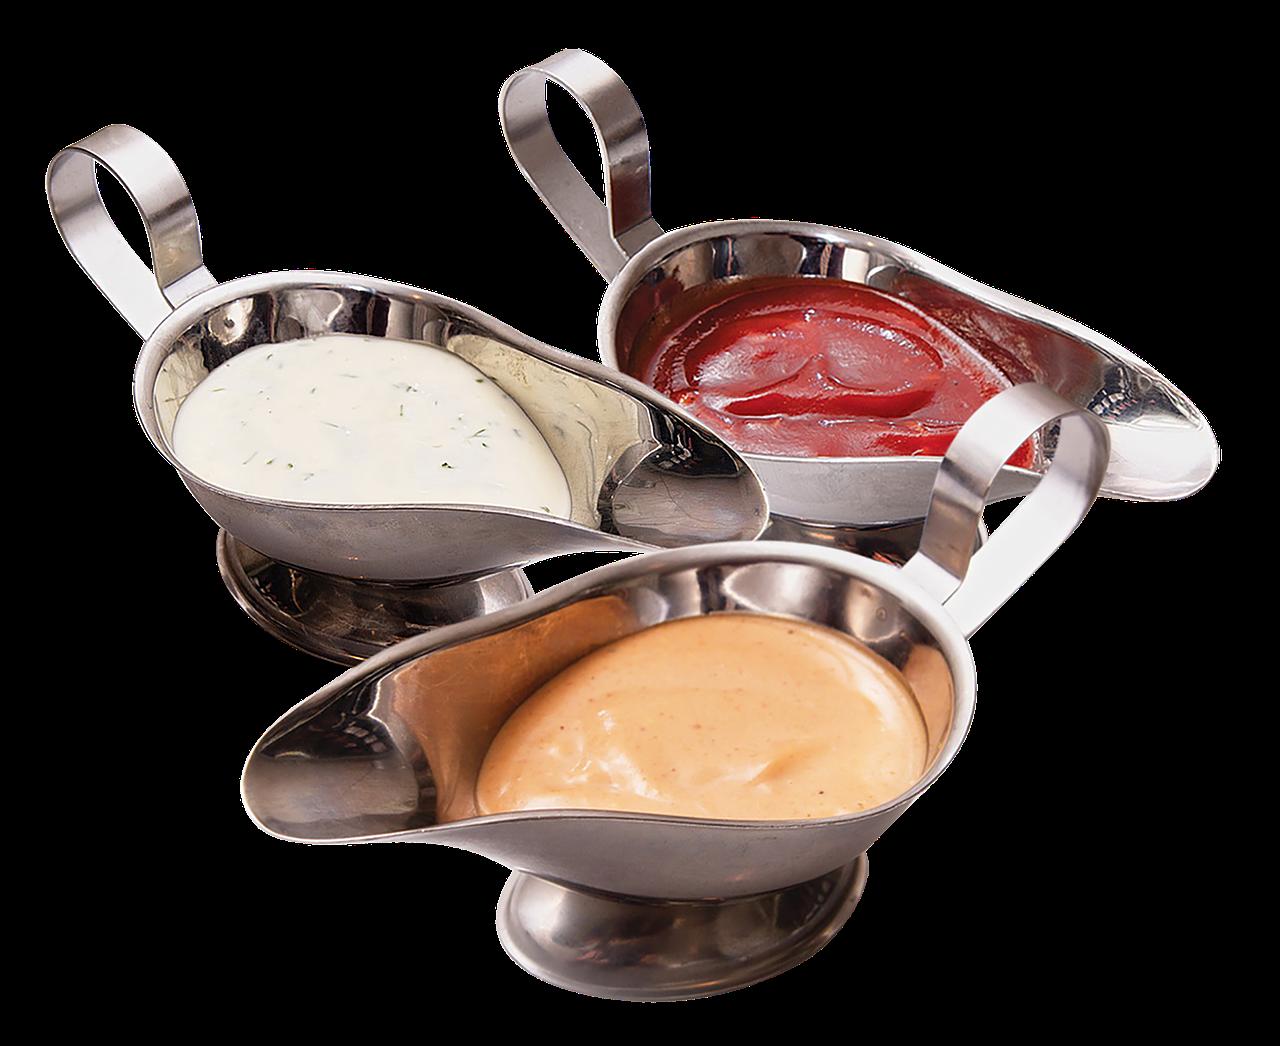 オーロラソースの簡単・人気の作り方!エビ・ササミ・鶏肉・胸肉と合わせておいしくするポイントも紹介!